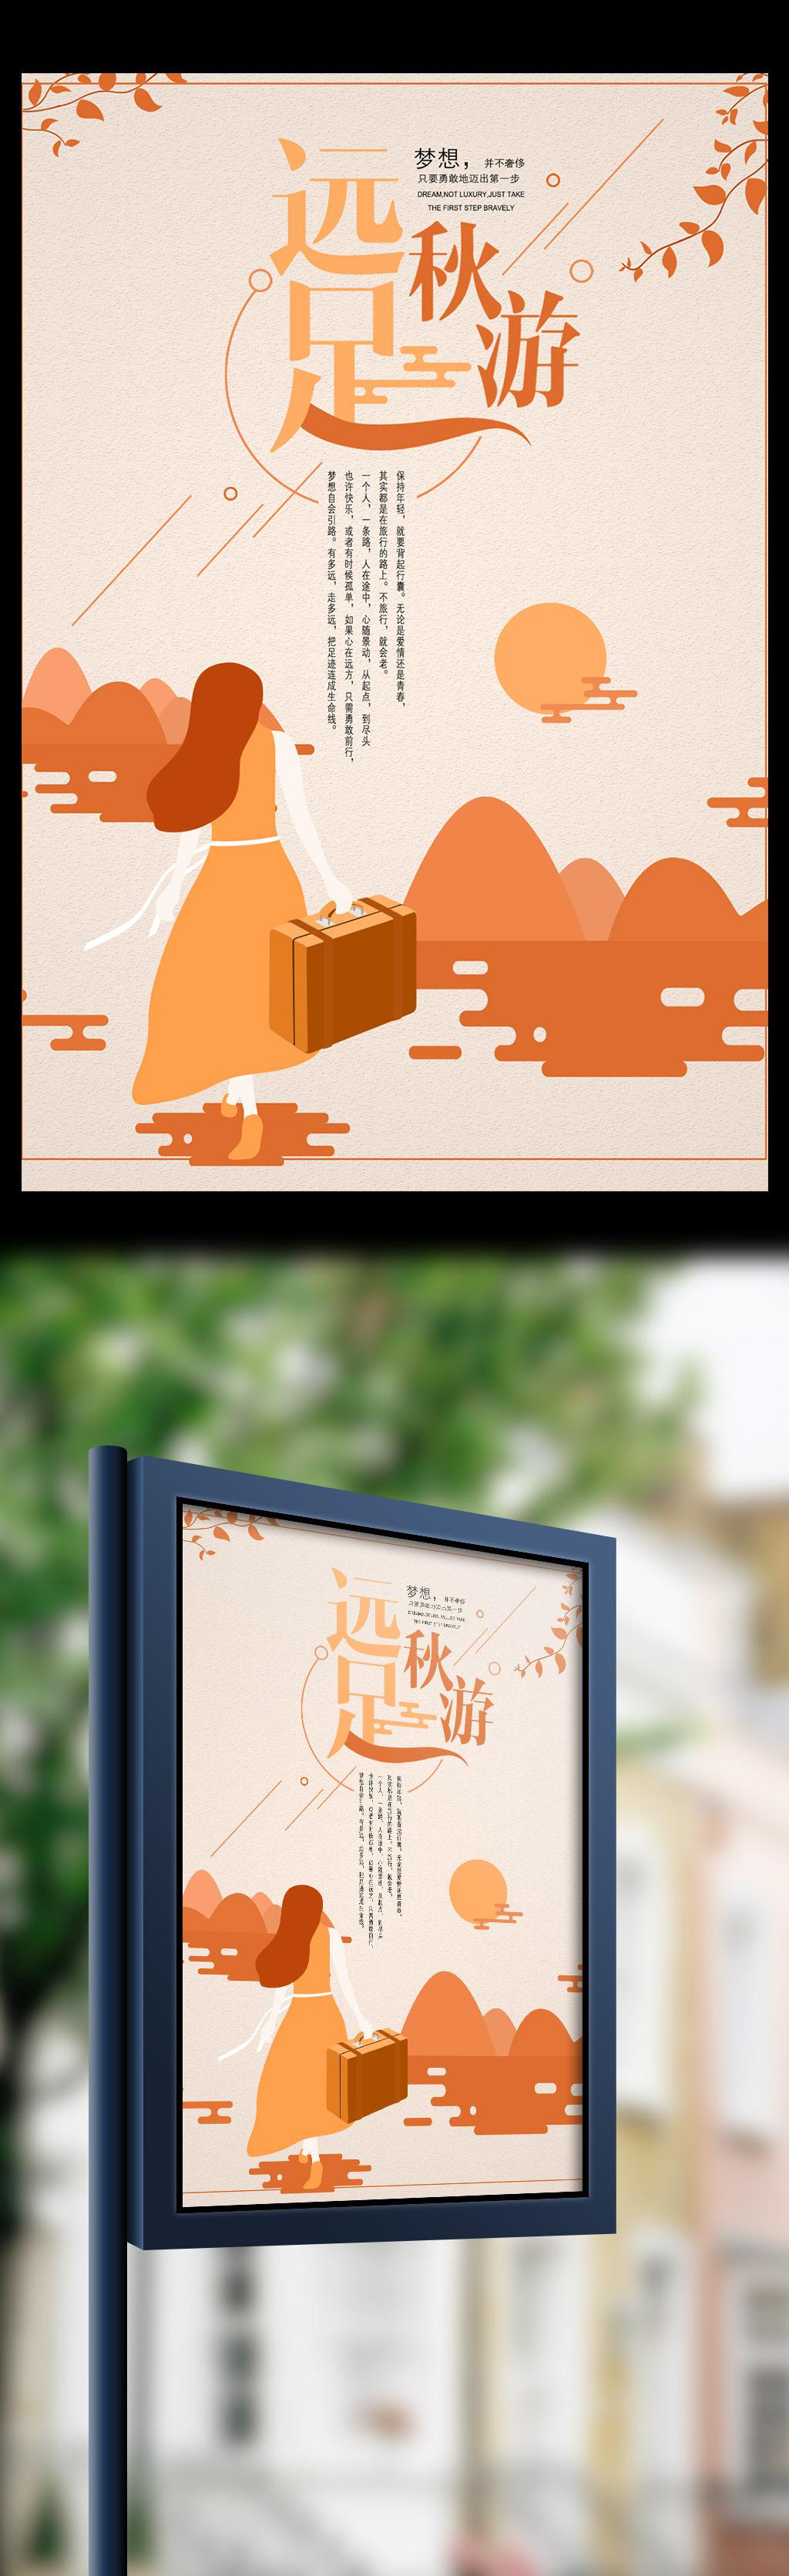 简约扁平化秋游手绘海报